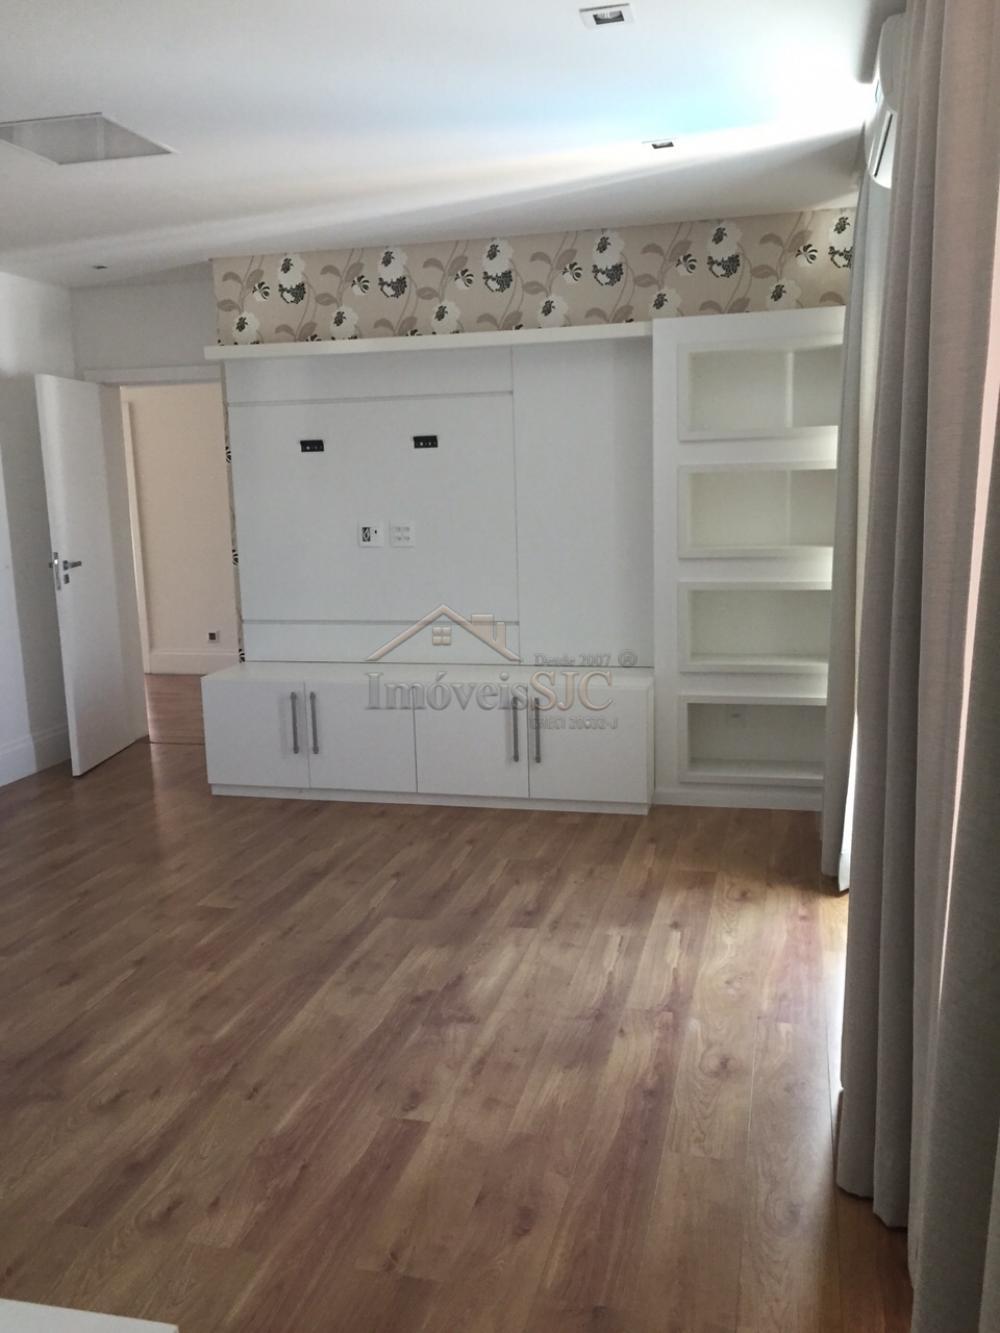 Alugar Casas / Condomínio em São José dos Campos apenas R$ 15.000,00 - Foto 16